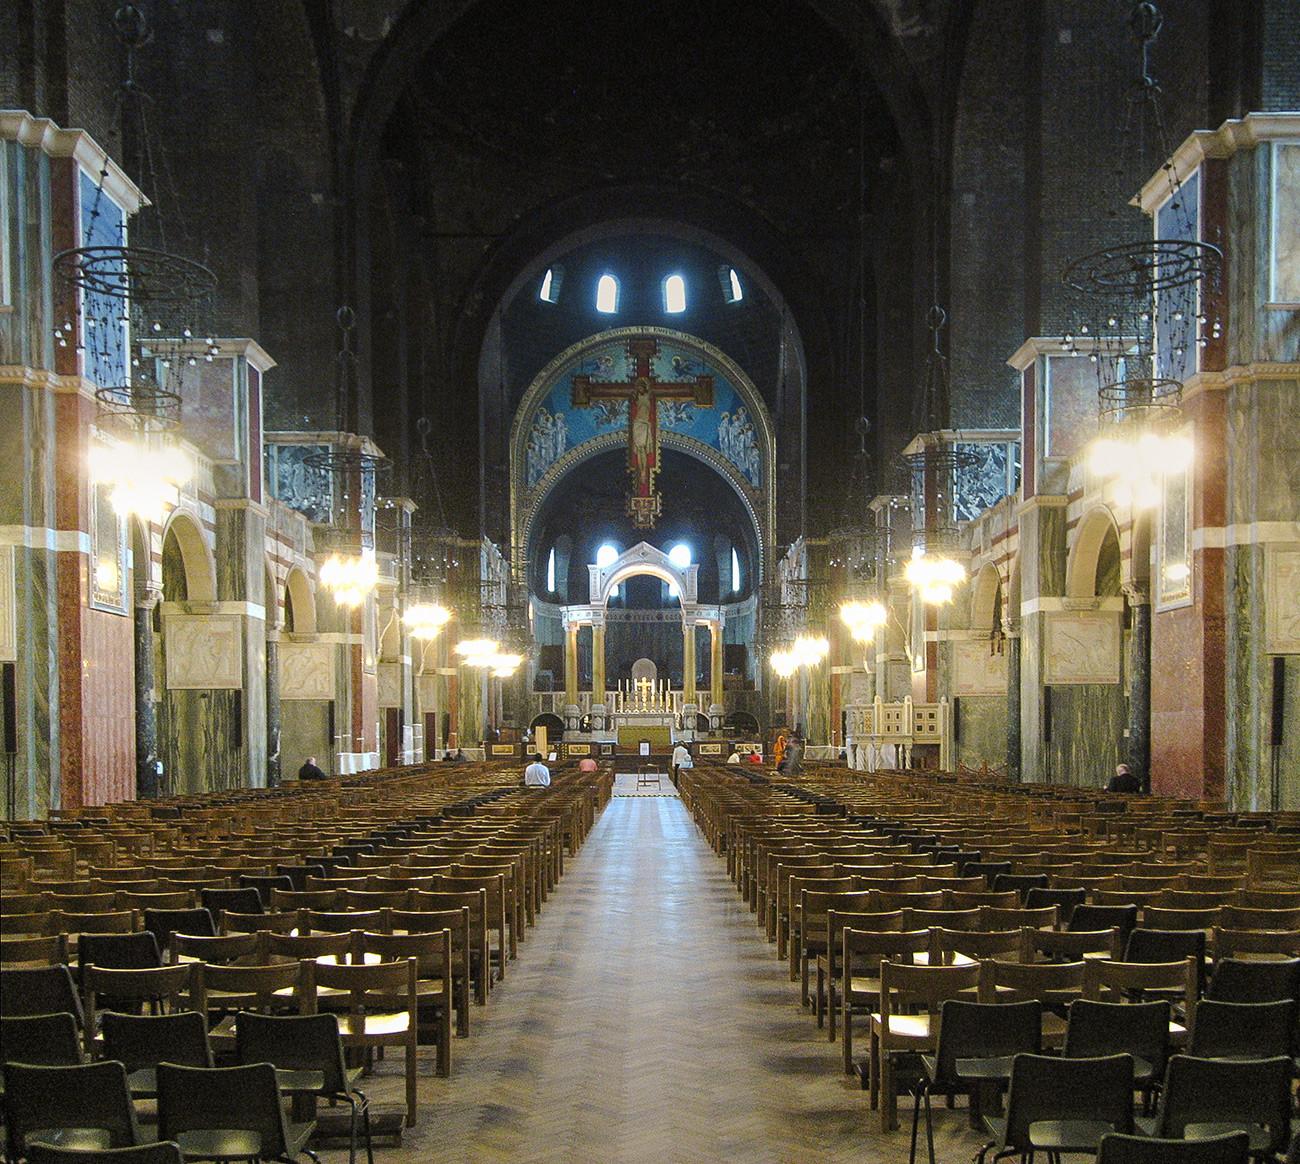 Џек Рајан је био у овој католичкој цркви